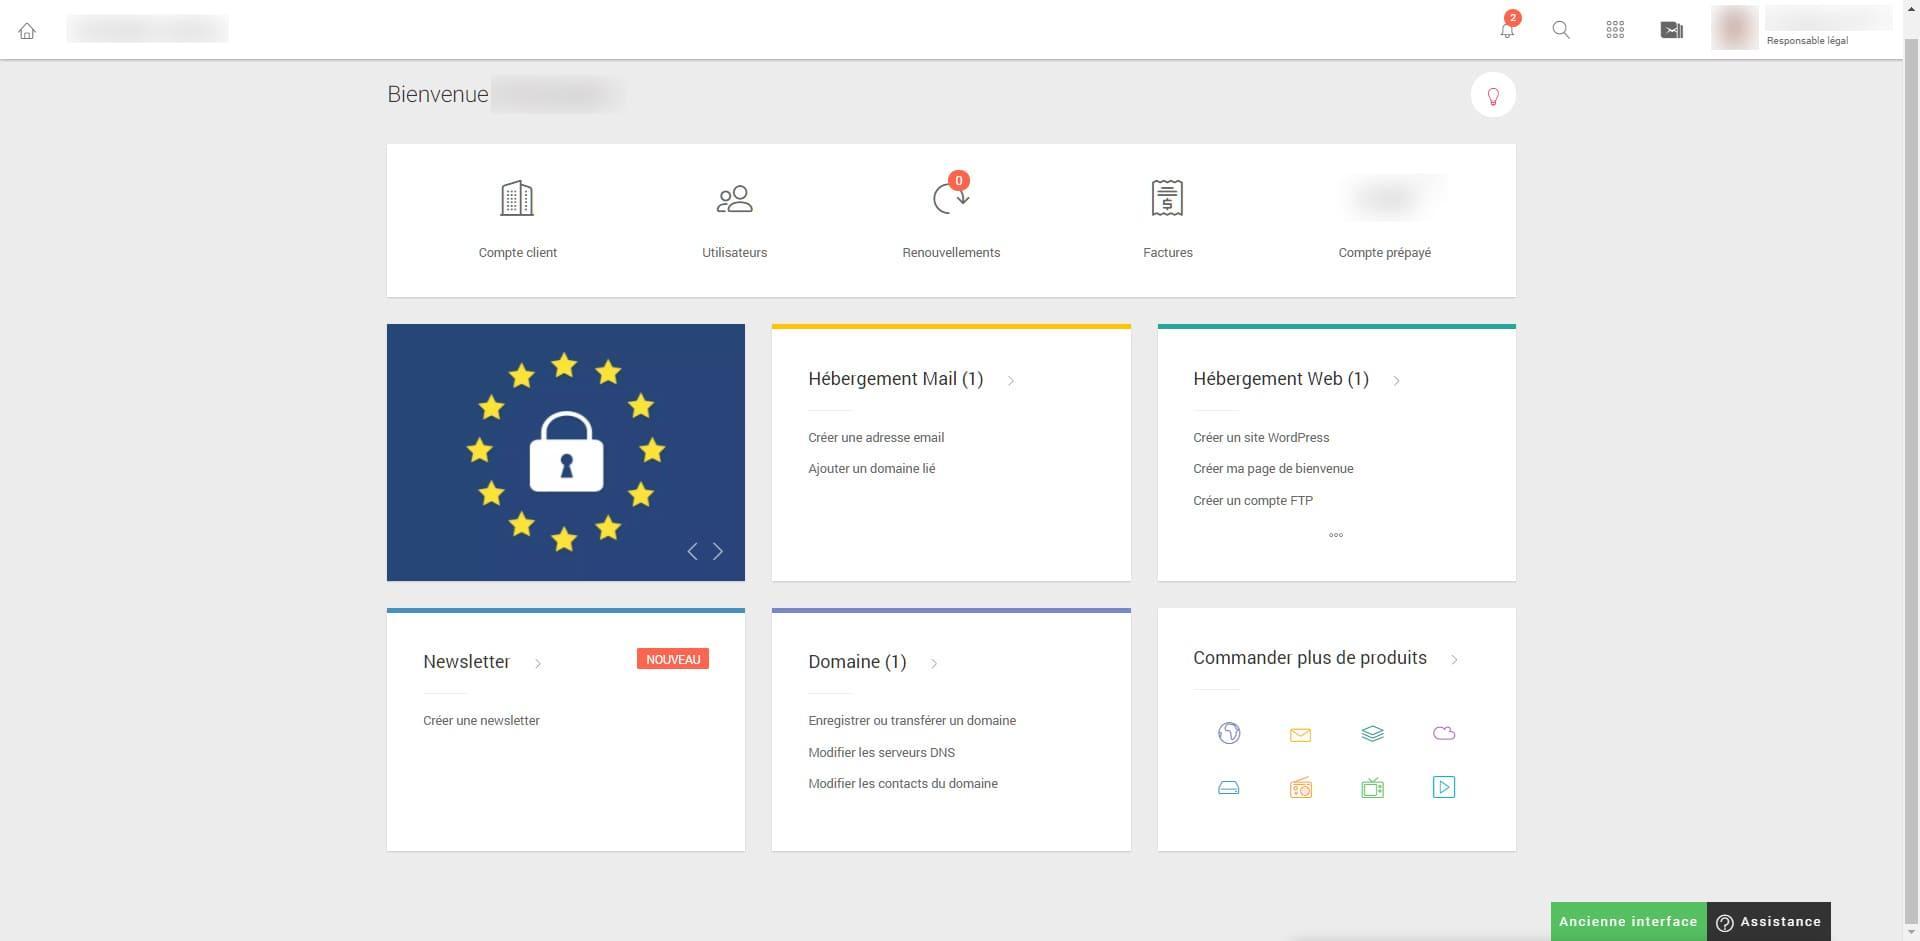 After-Infomaniak interface page de bienvenue